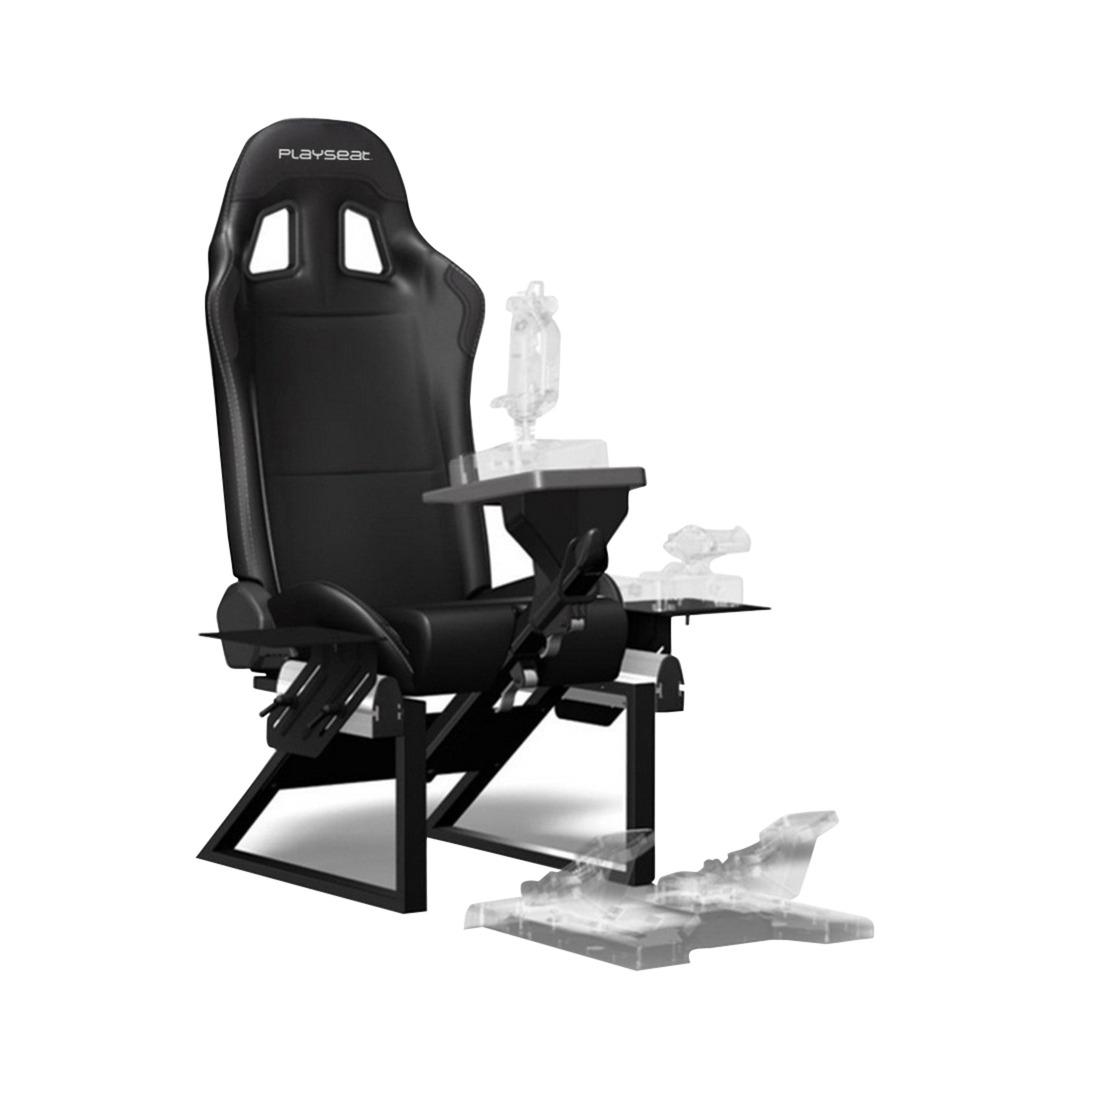 FlightSeat Silla reclinable, Asientos de juego